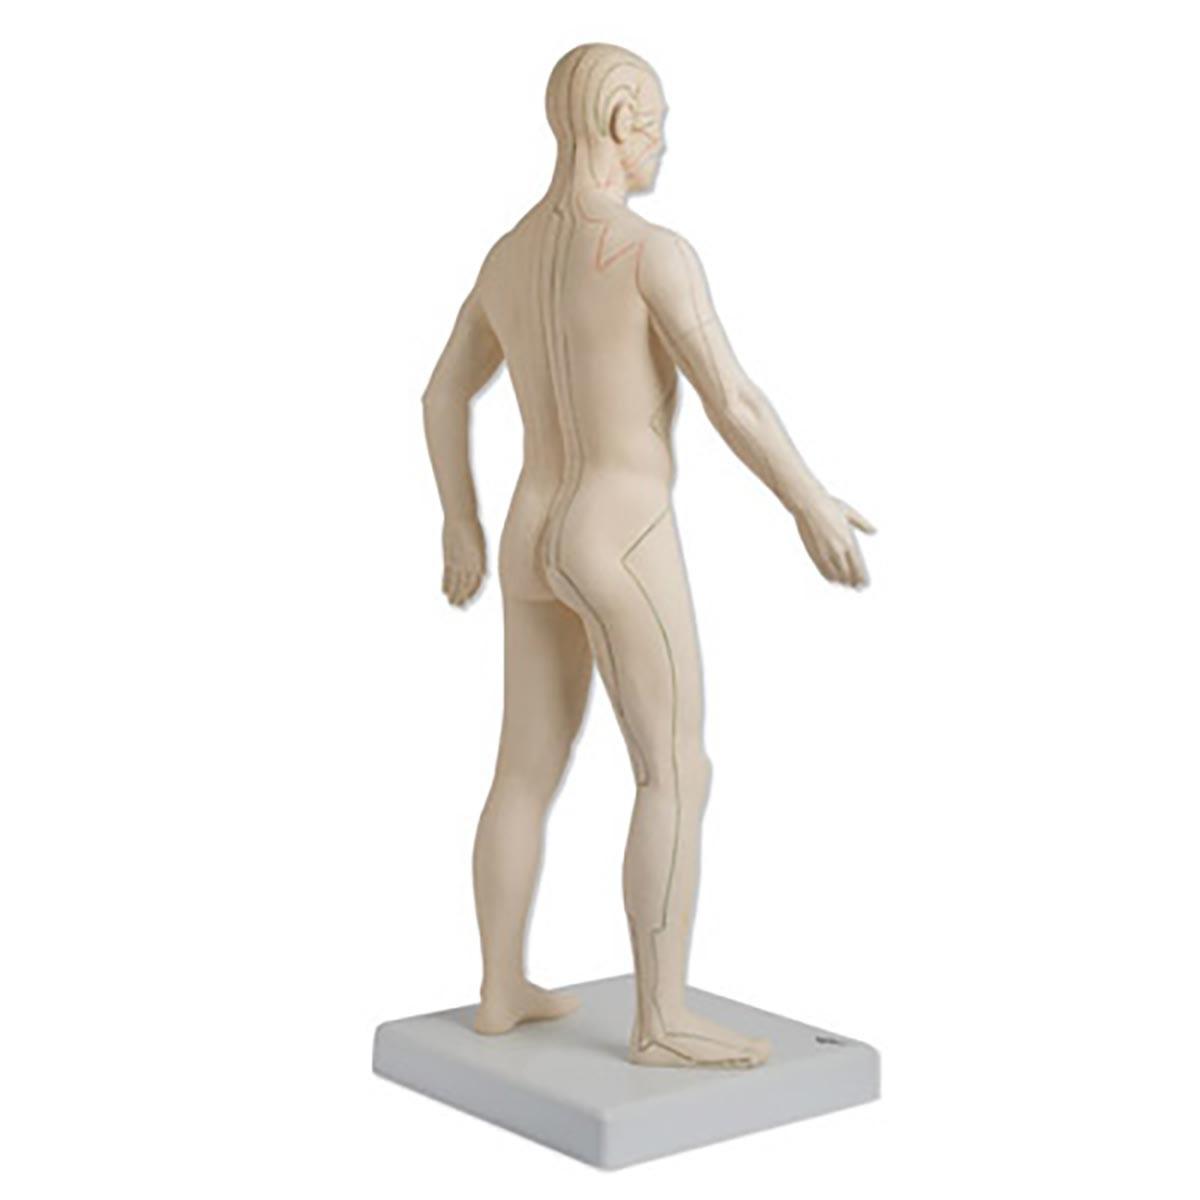 Akupunktur-Figur, männlich